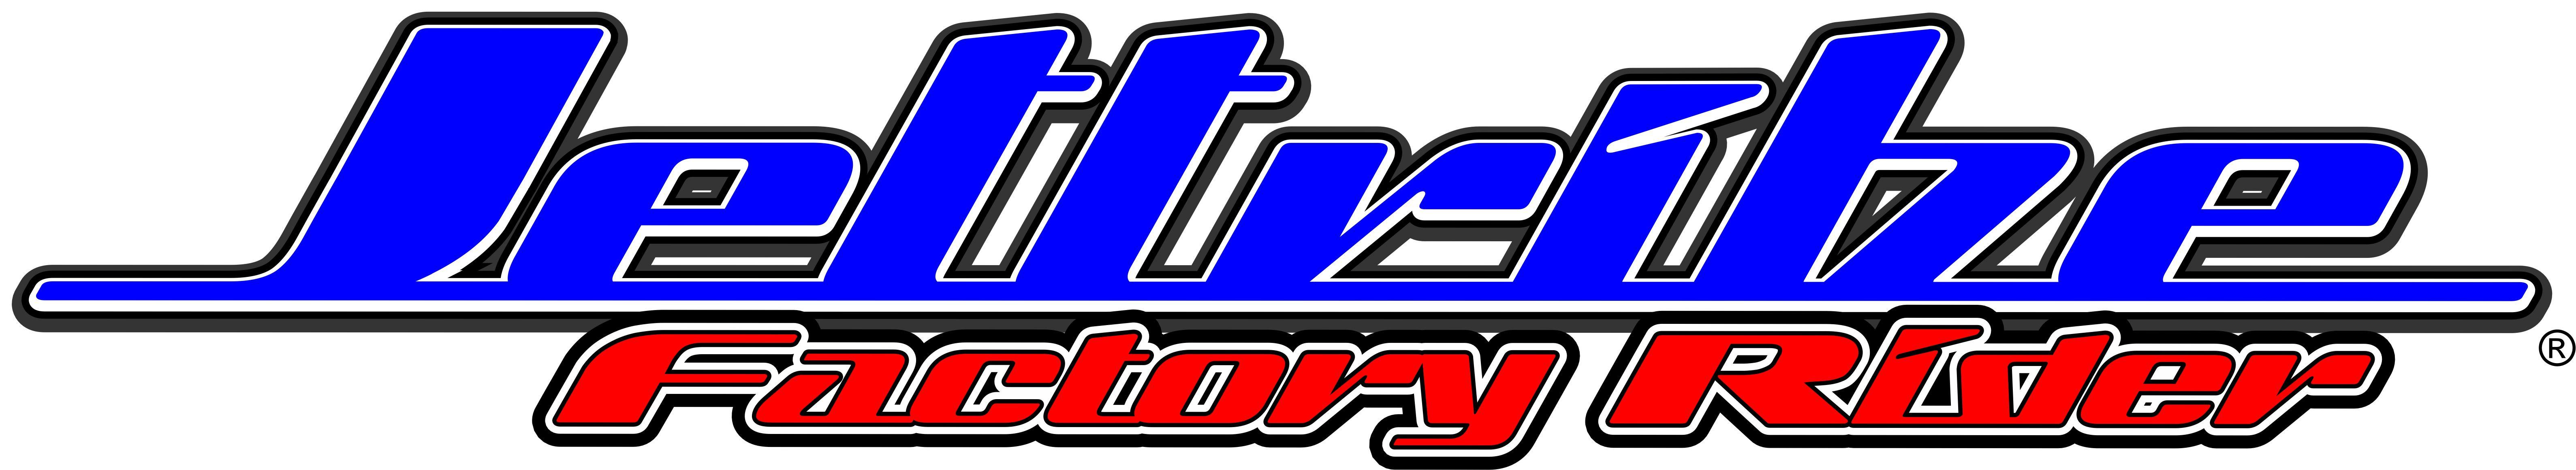 factory-rider-logo-blue.jpg